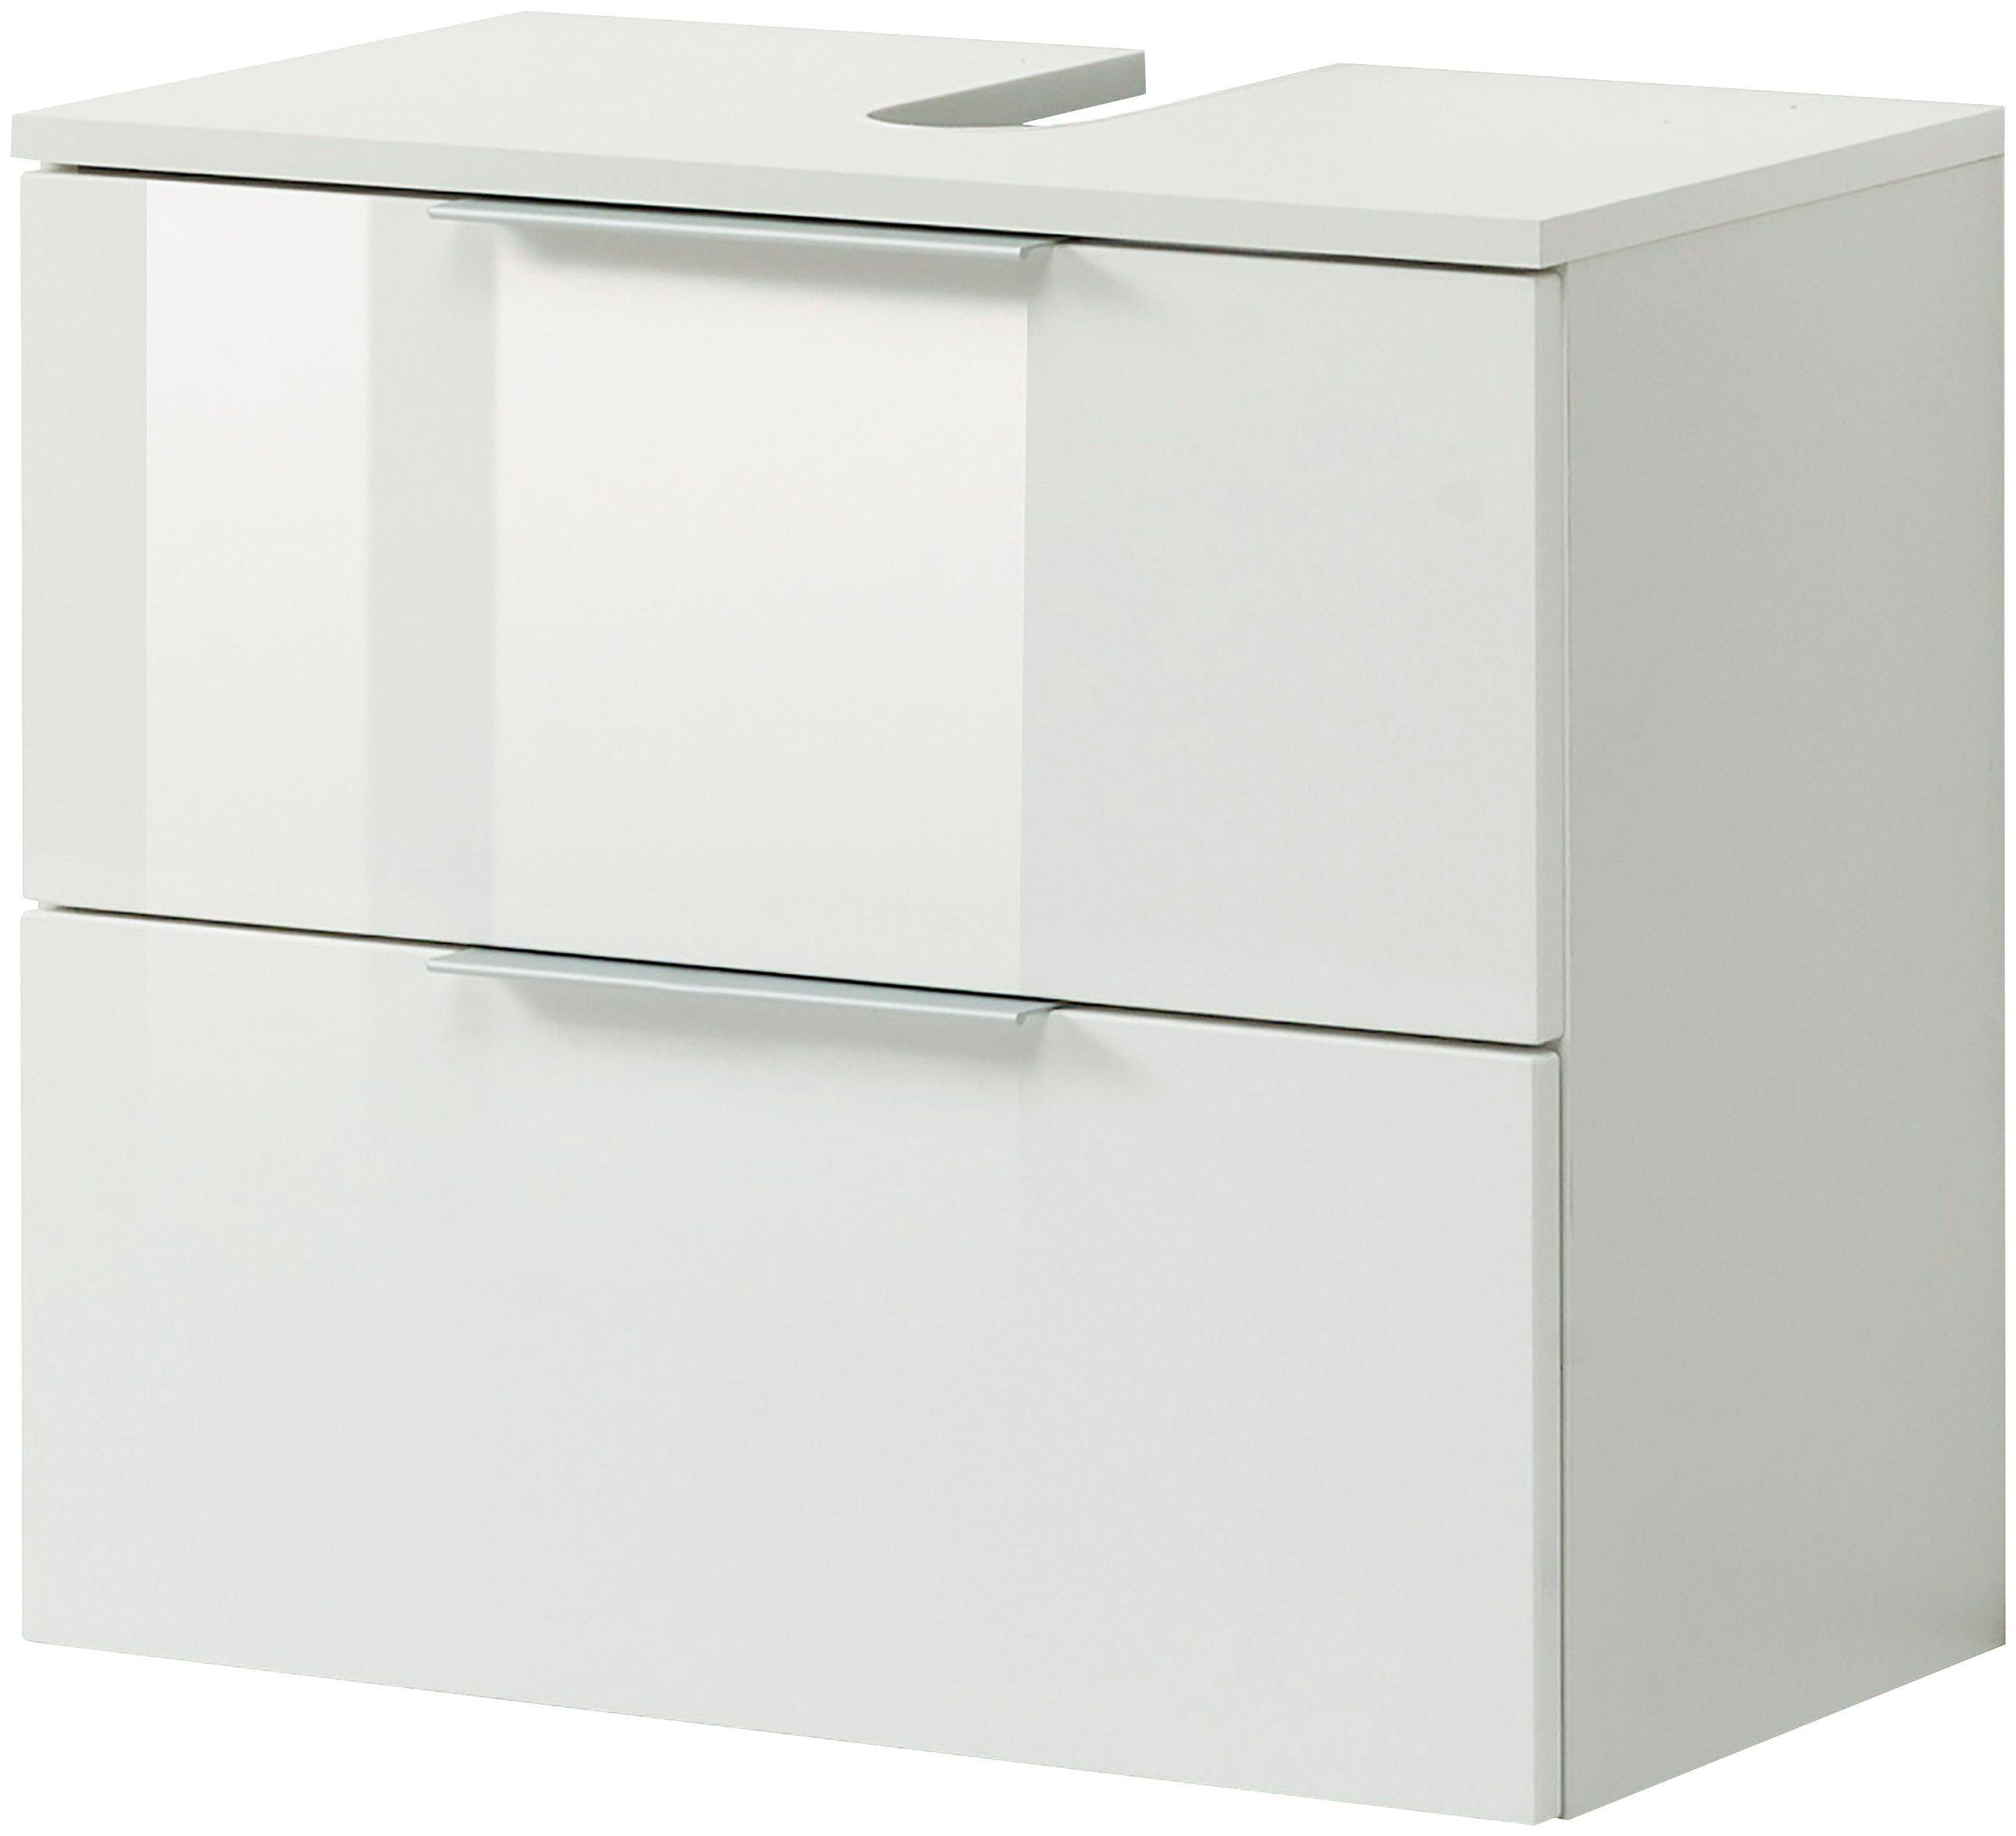 HELD MÖBEL Waschbeckenunterschrank »Ravello«, Breite 60 cm   Bad > Badmöbel > Waschbeckenunterschränke   HELD MÖBEL